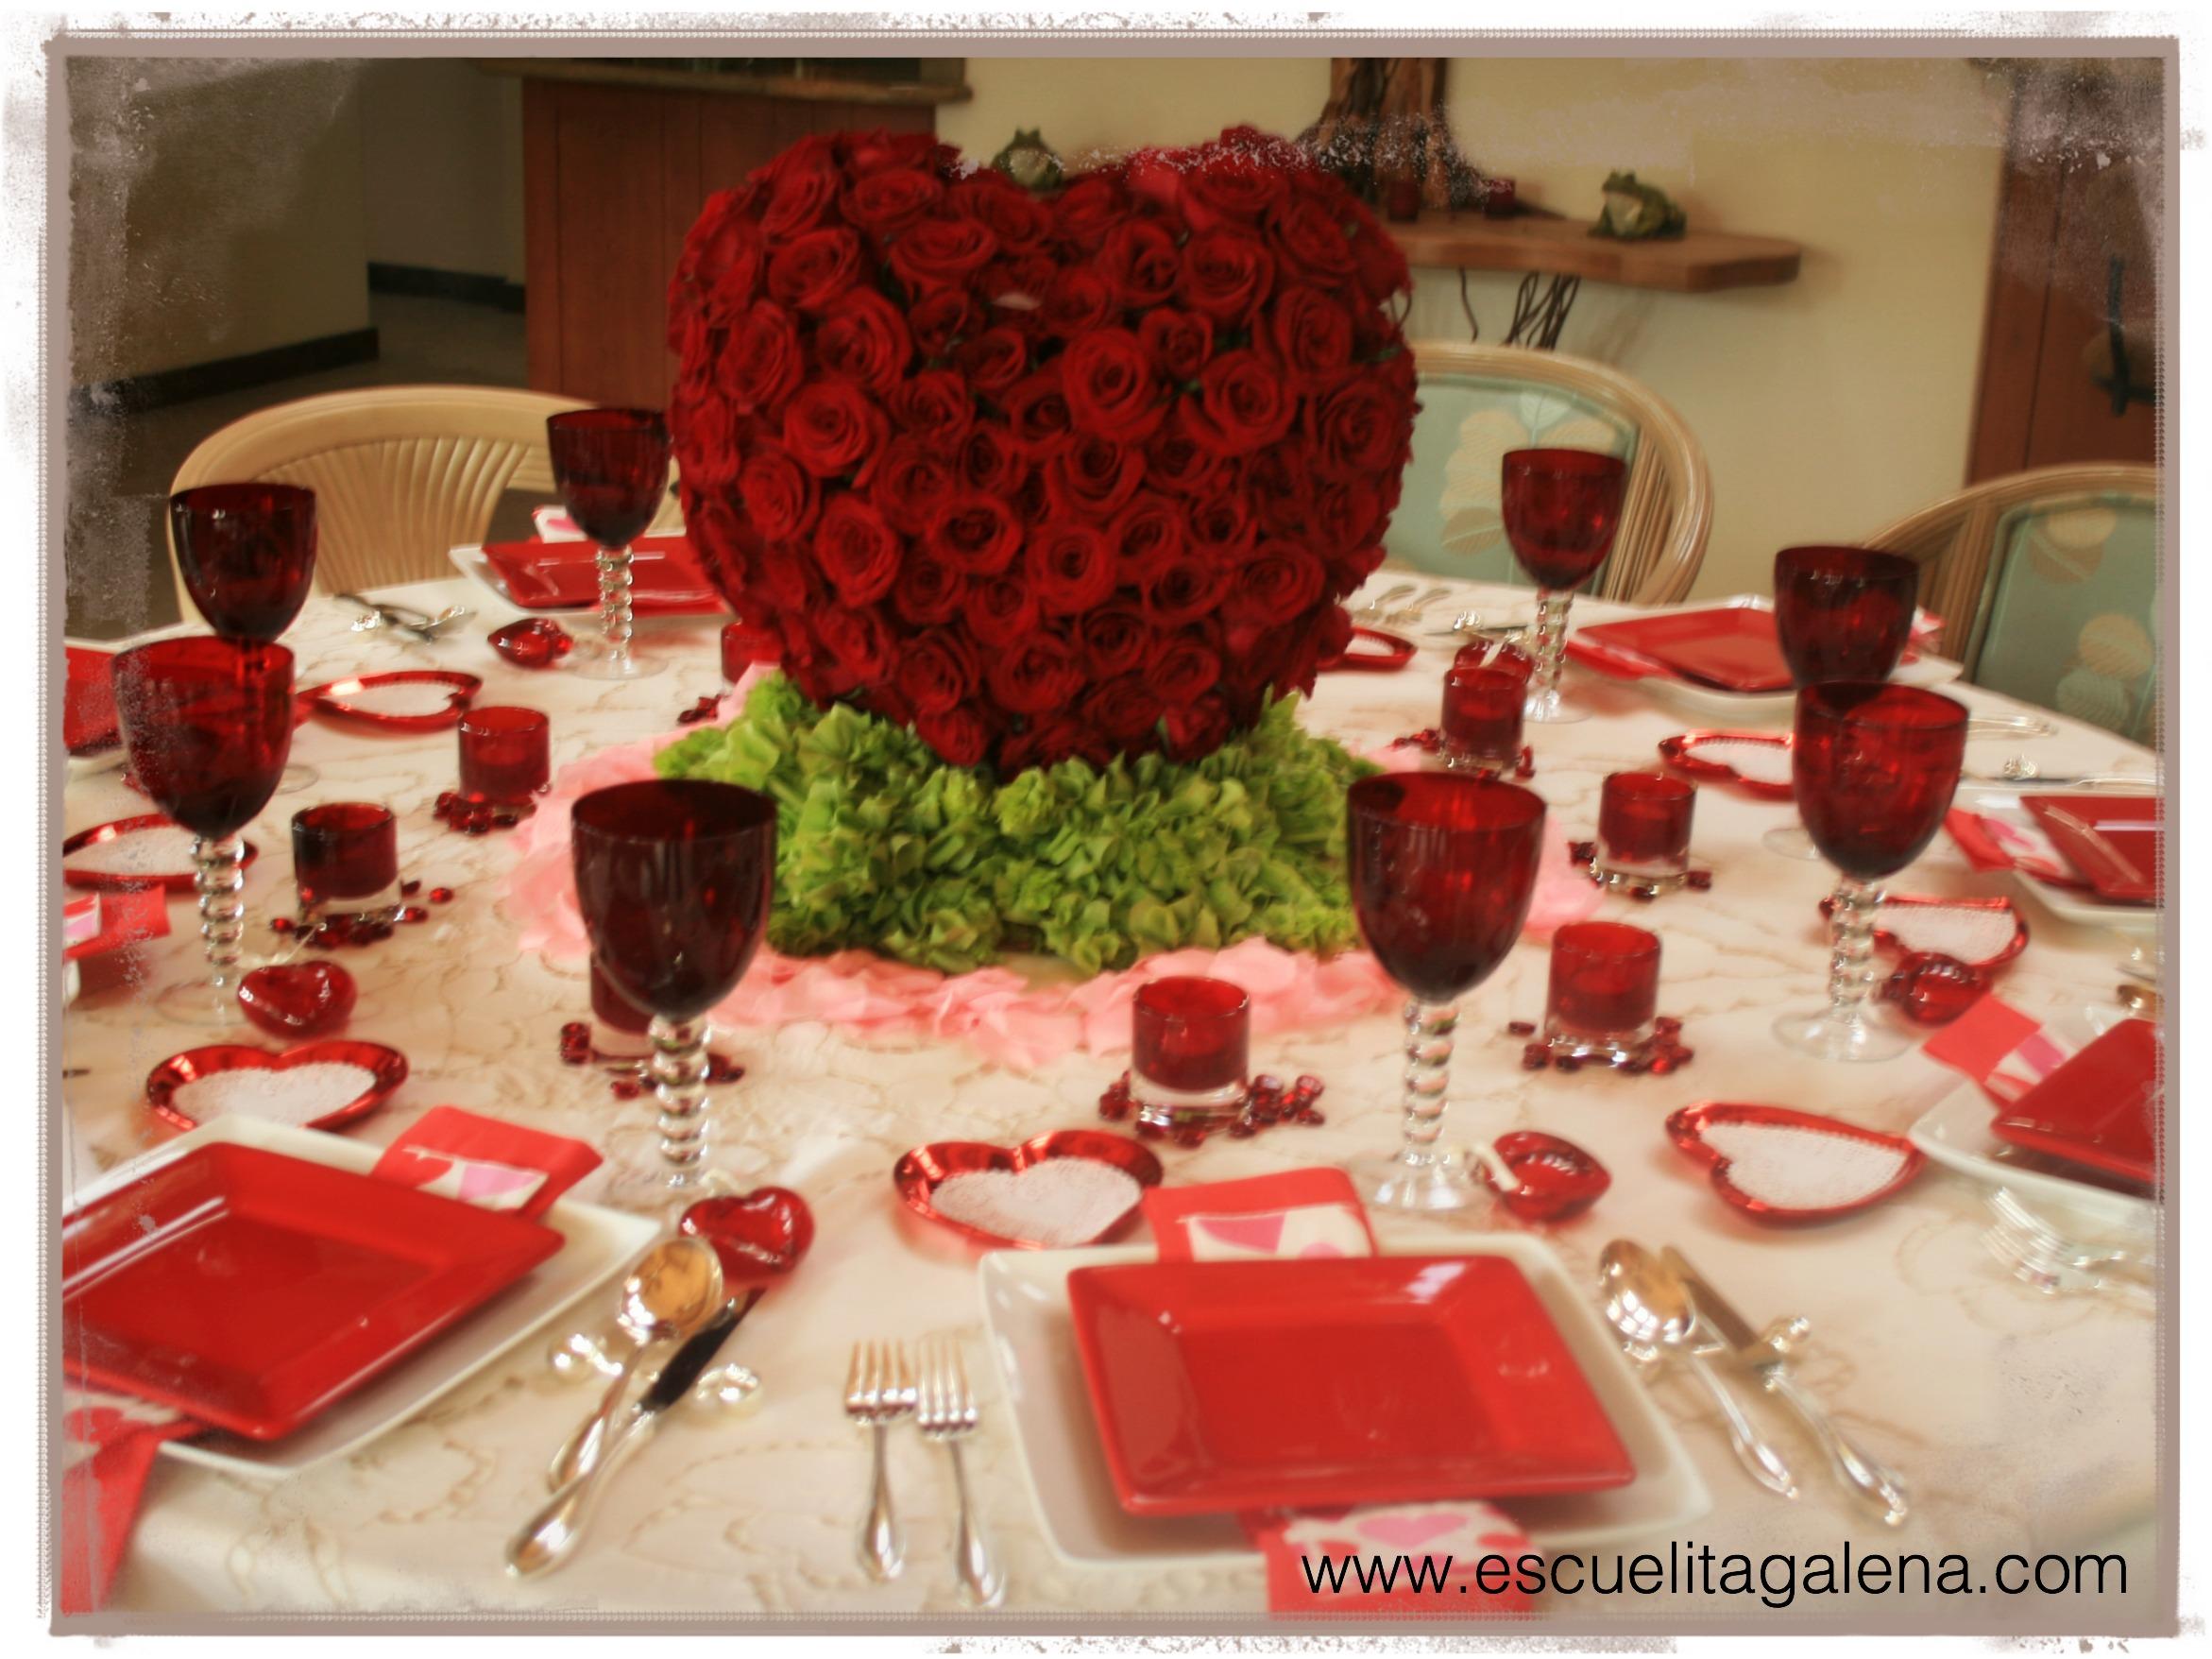 Centro de mesa romántico / corazón con rosas rojas | Ana Galena